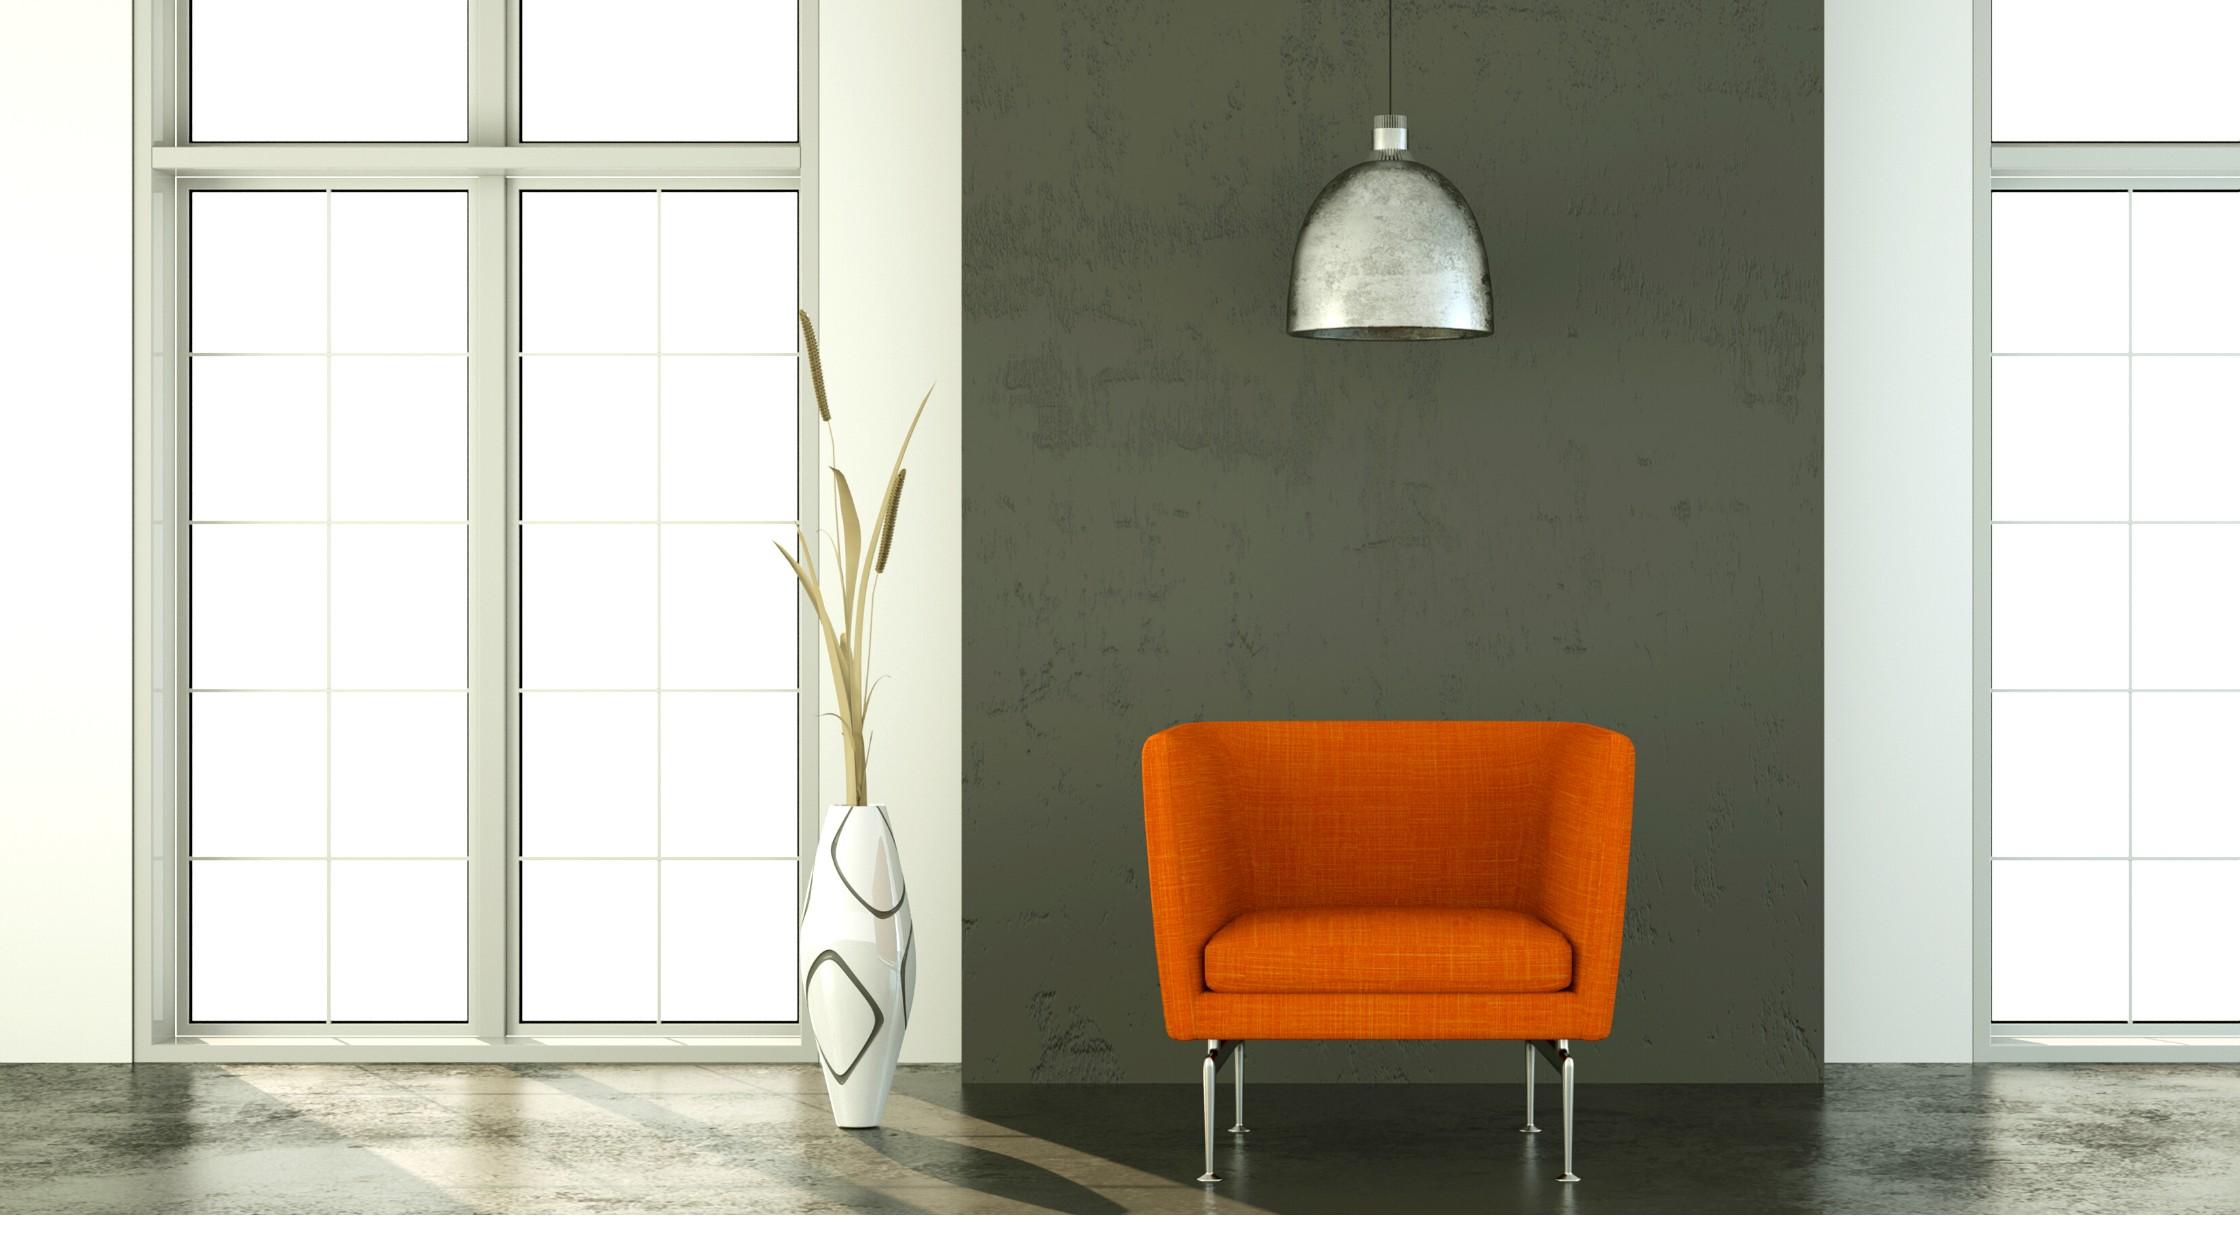 Charcoal + Brunt Orange Decor & Design.